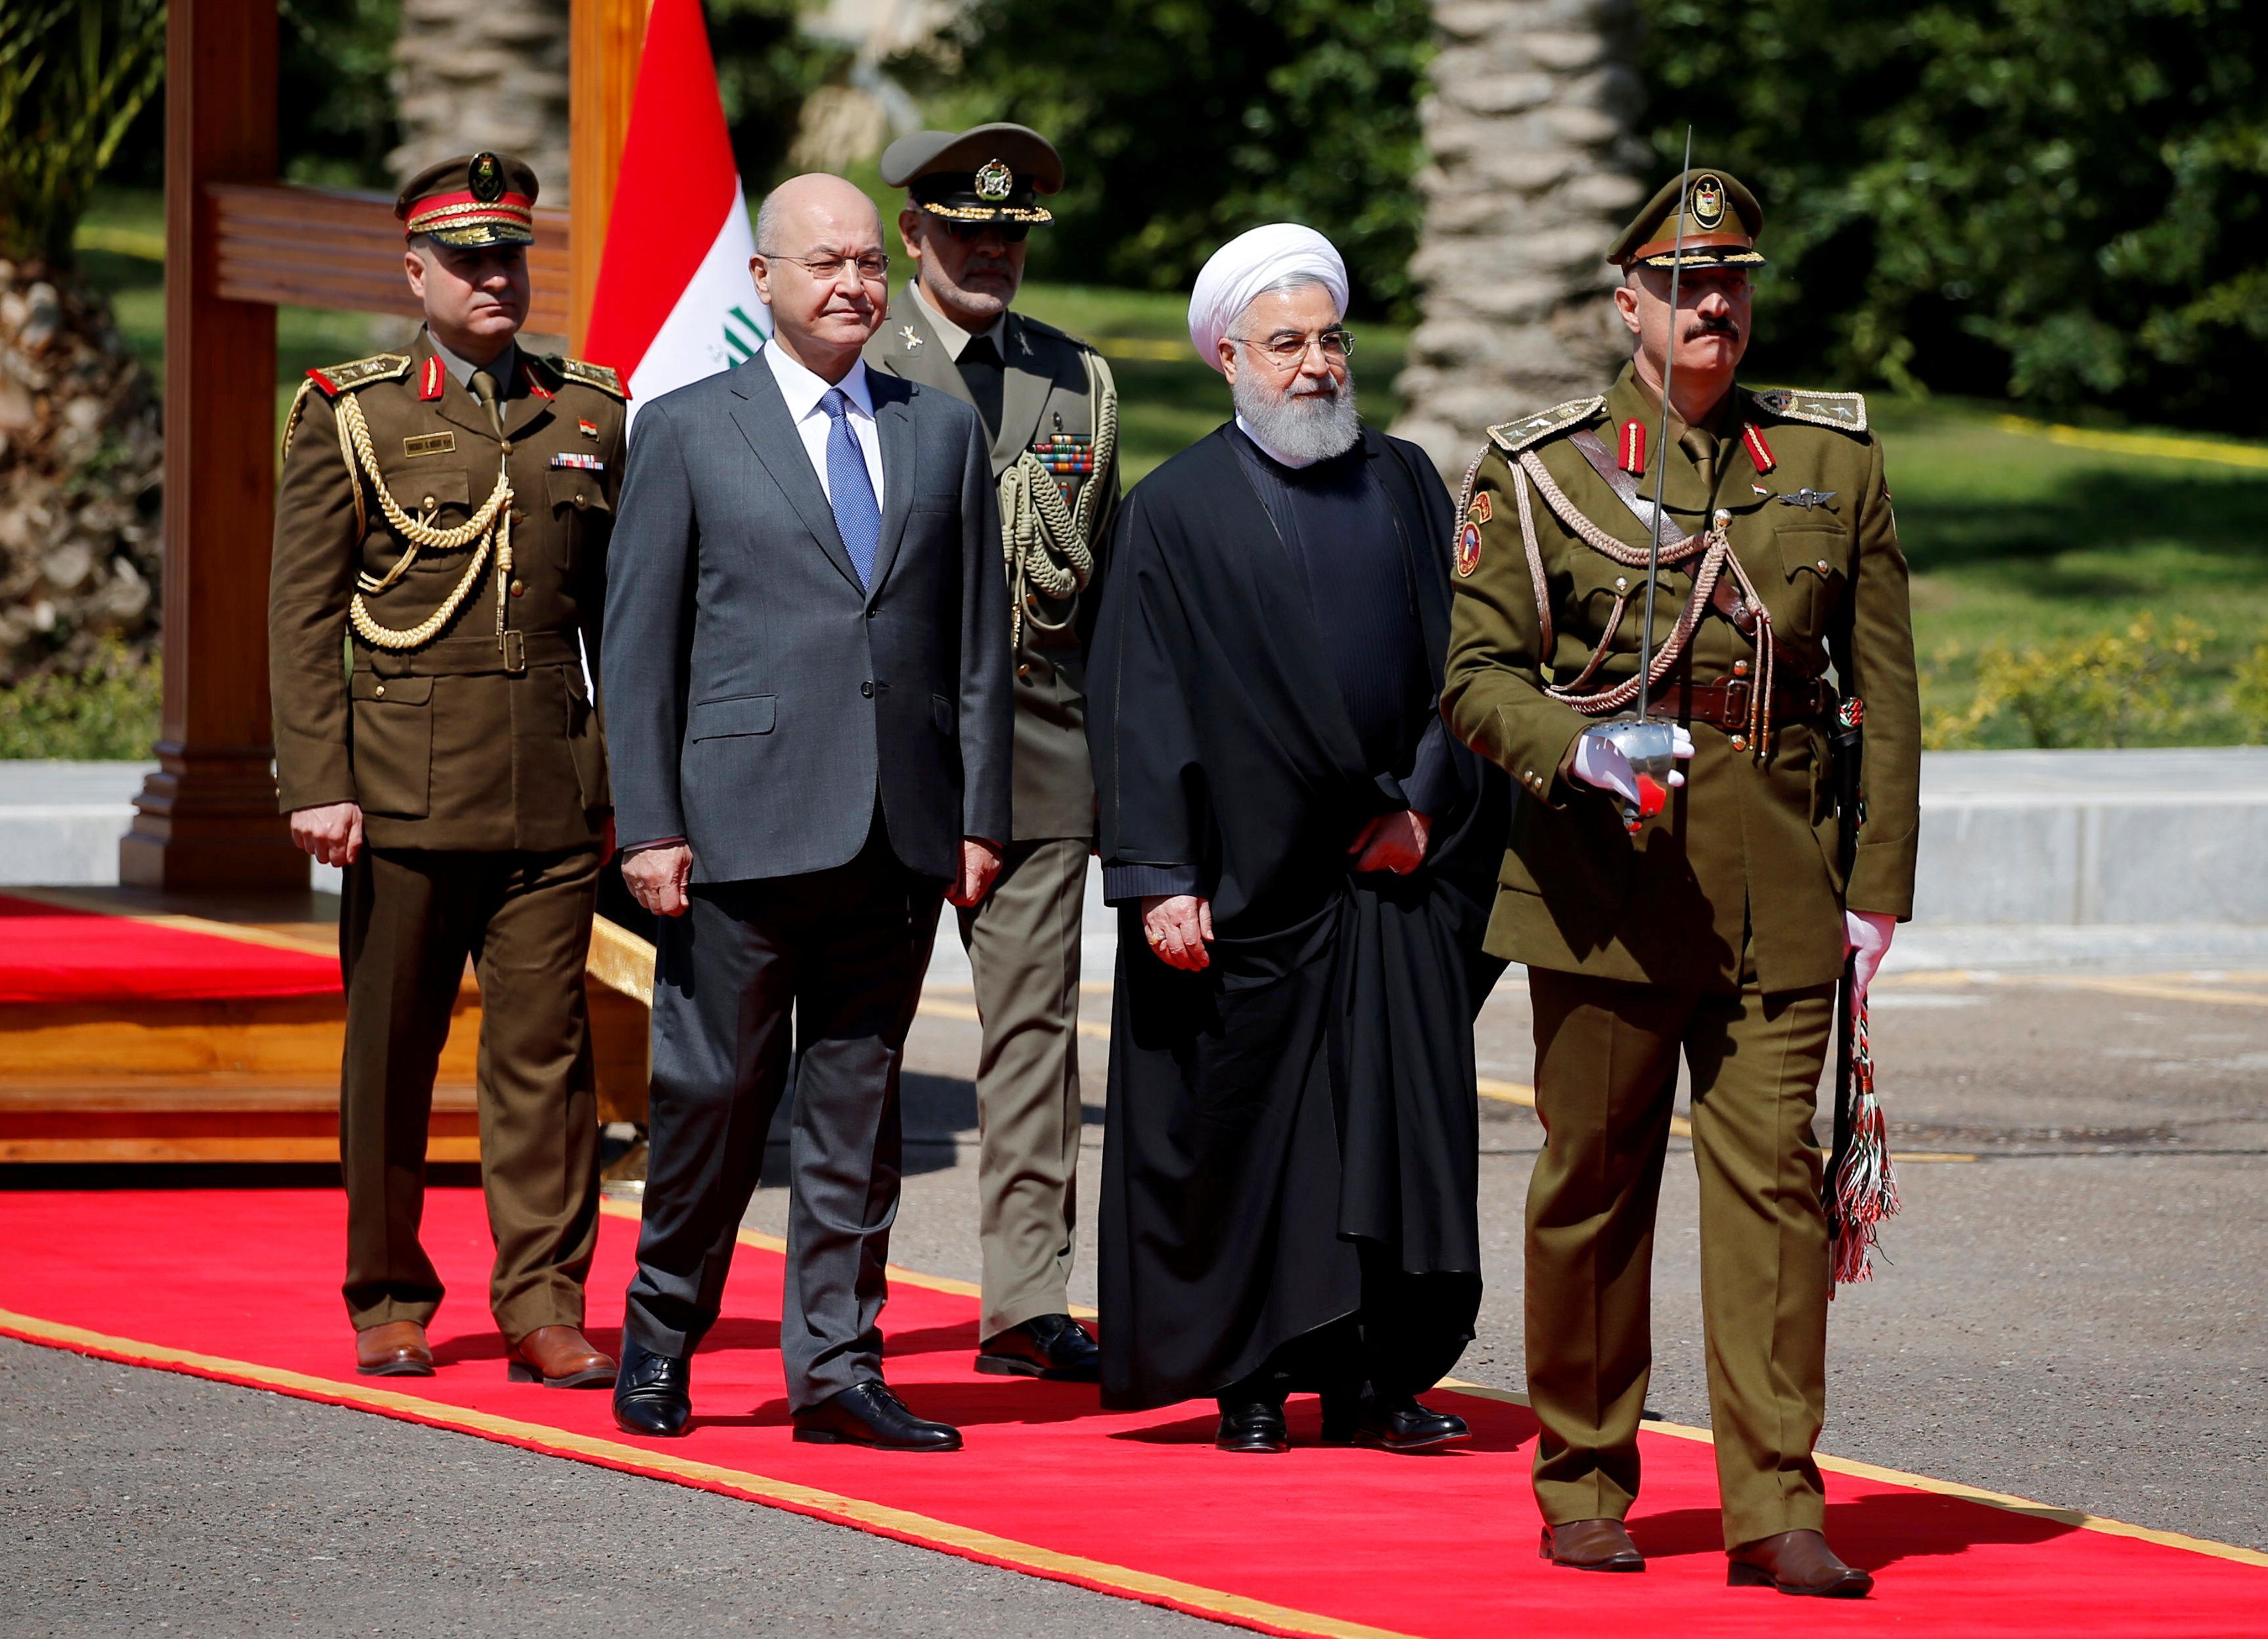 ترس رسانهها و  مقامات غربی از سفر رییس جمهور به بغداد/ «روحانی برنده است»